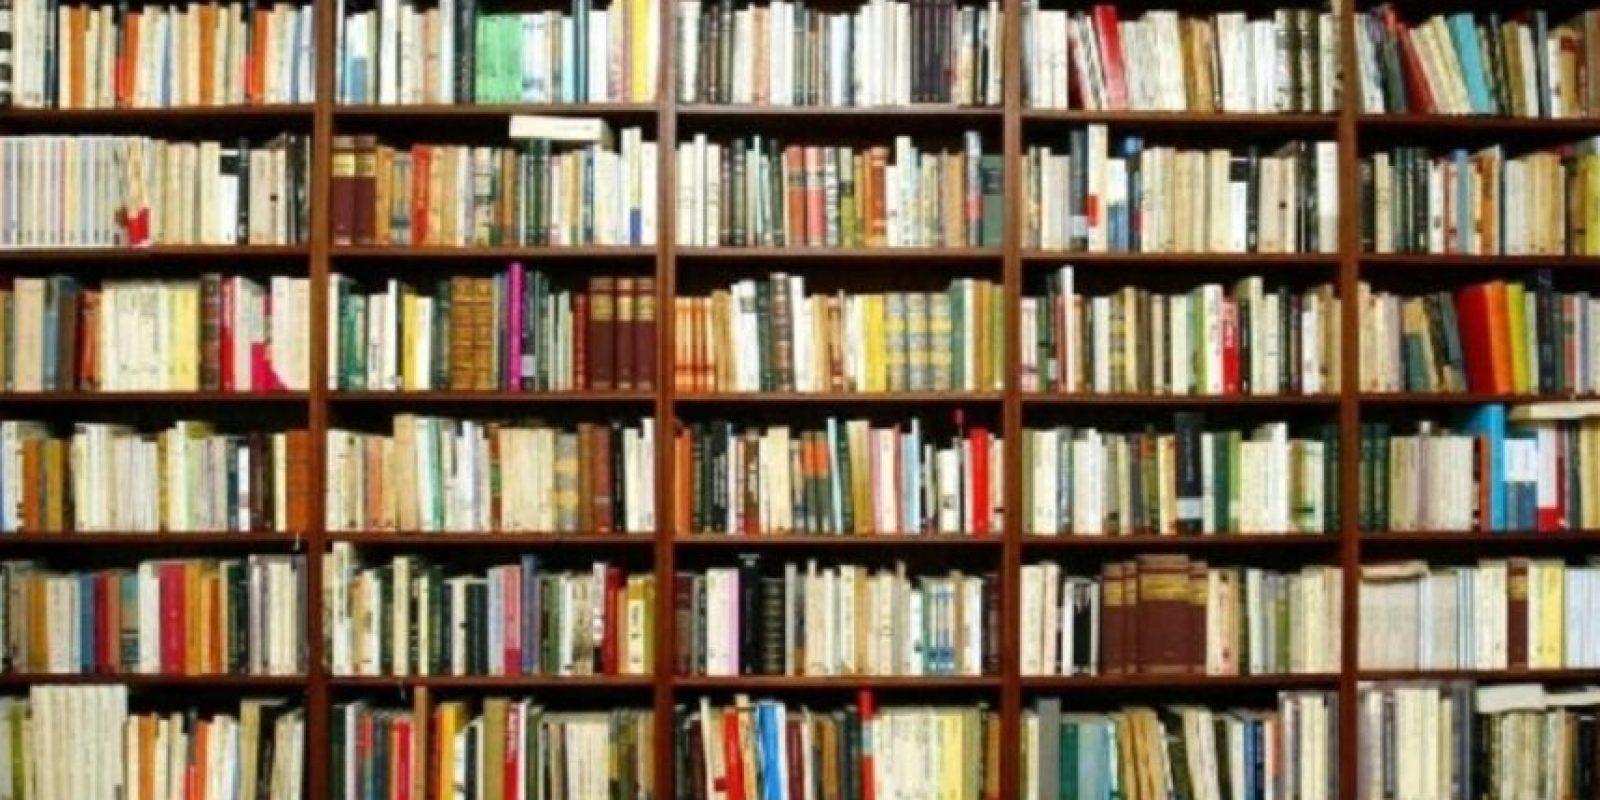 Langley Collyer era famoso por acumular cosas. Le cayó un librero encima y días después descubrieron su cuerpo. Foto:Wikipedia